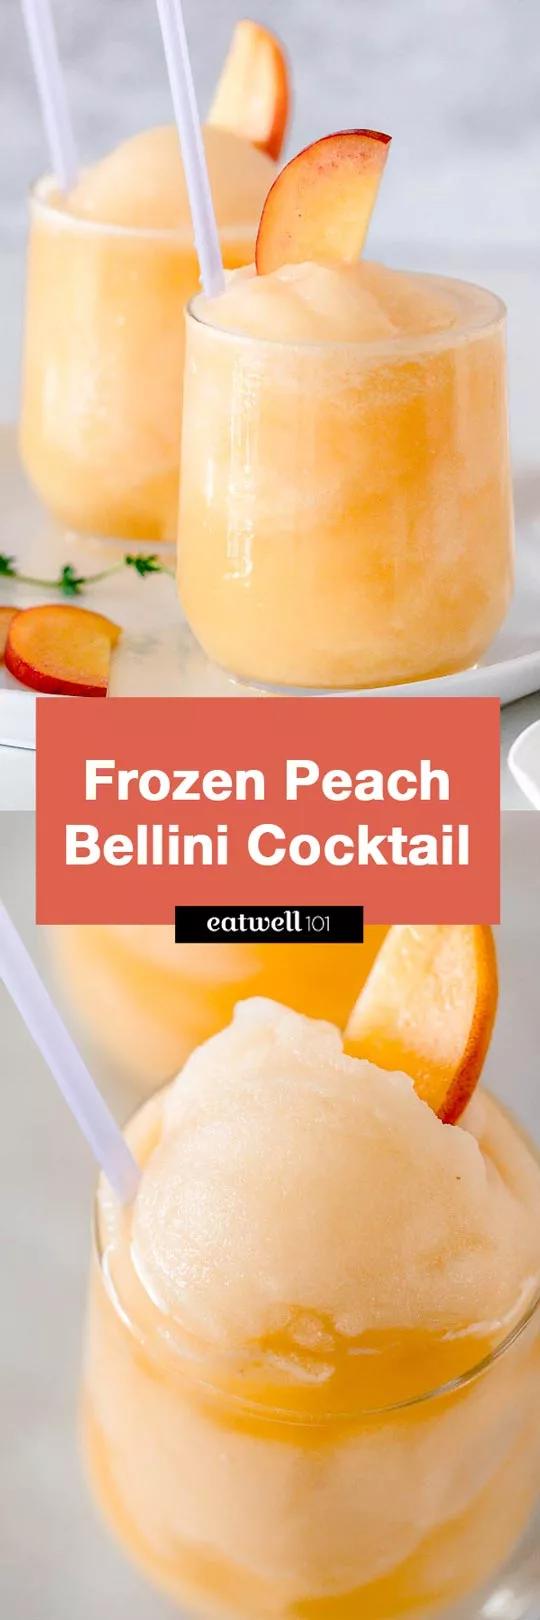 Épinglé Sur Creamy Peach Smoothie: Épinglé Sur RECETTES 2018